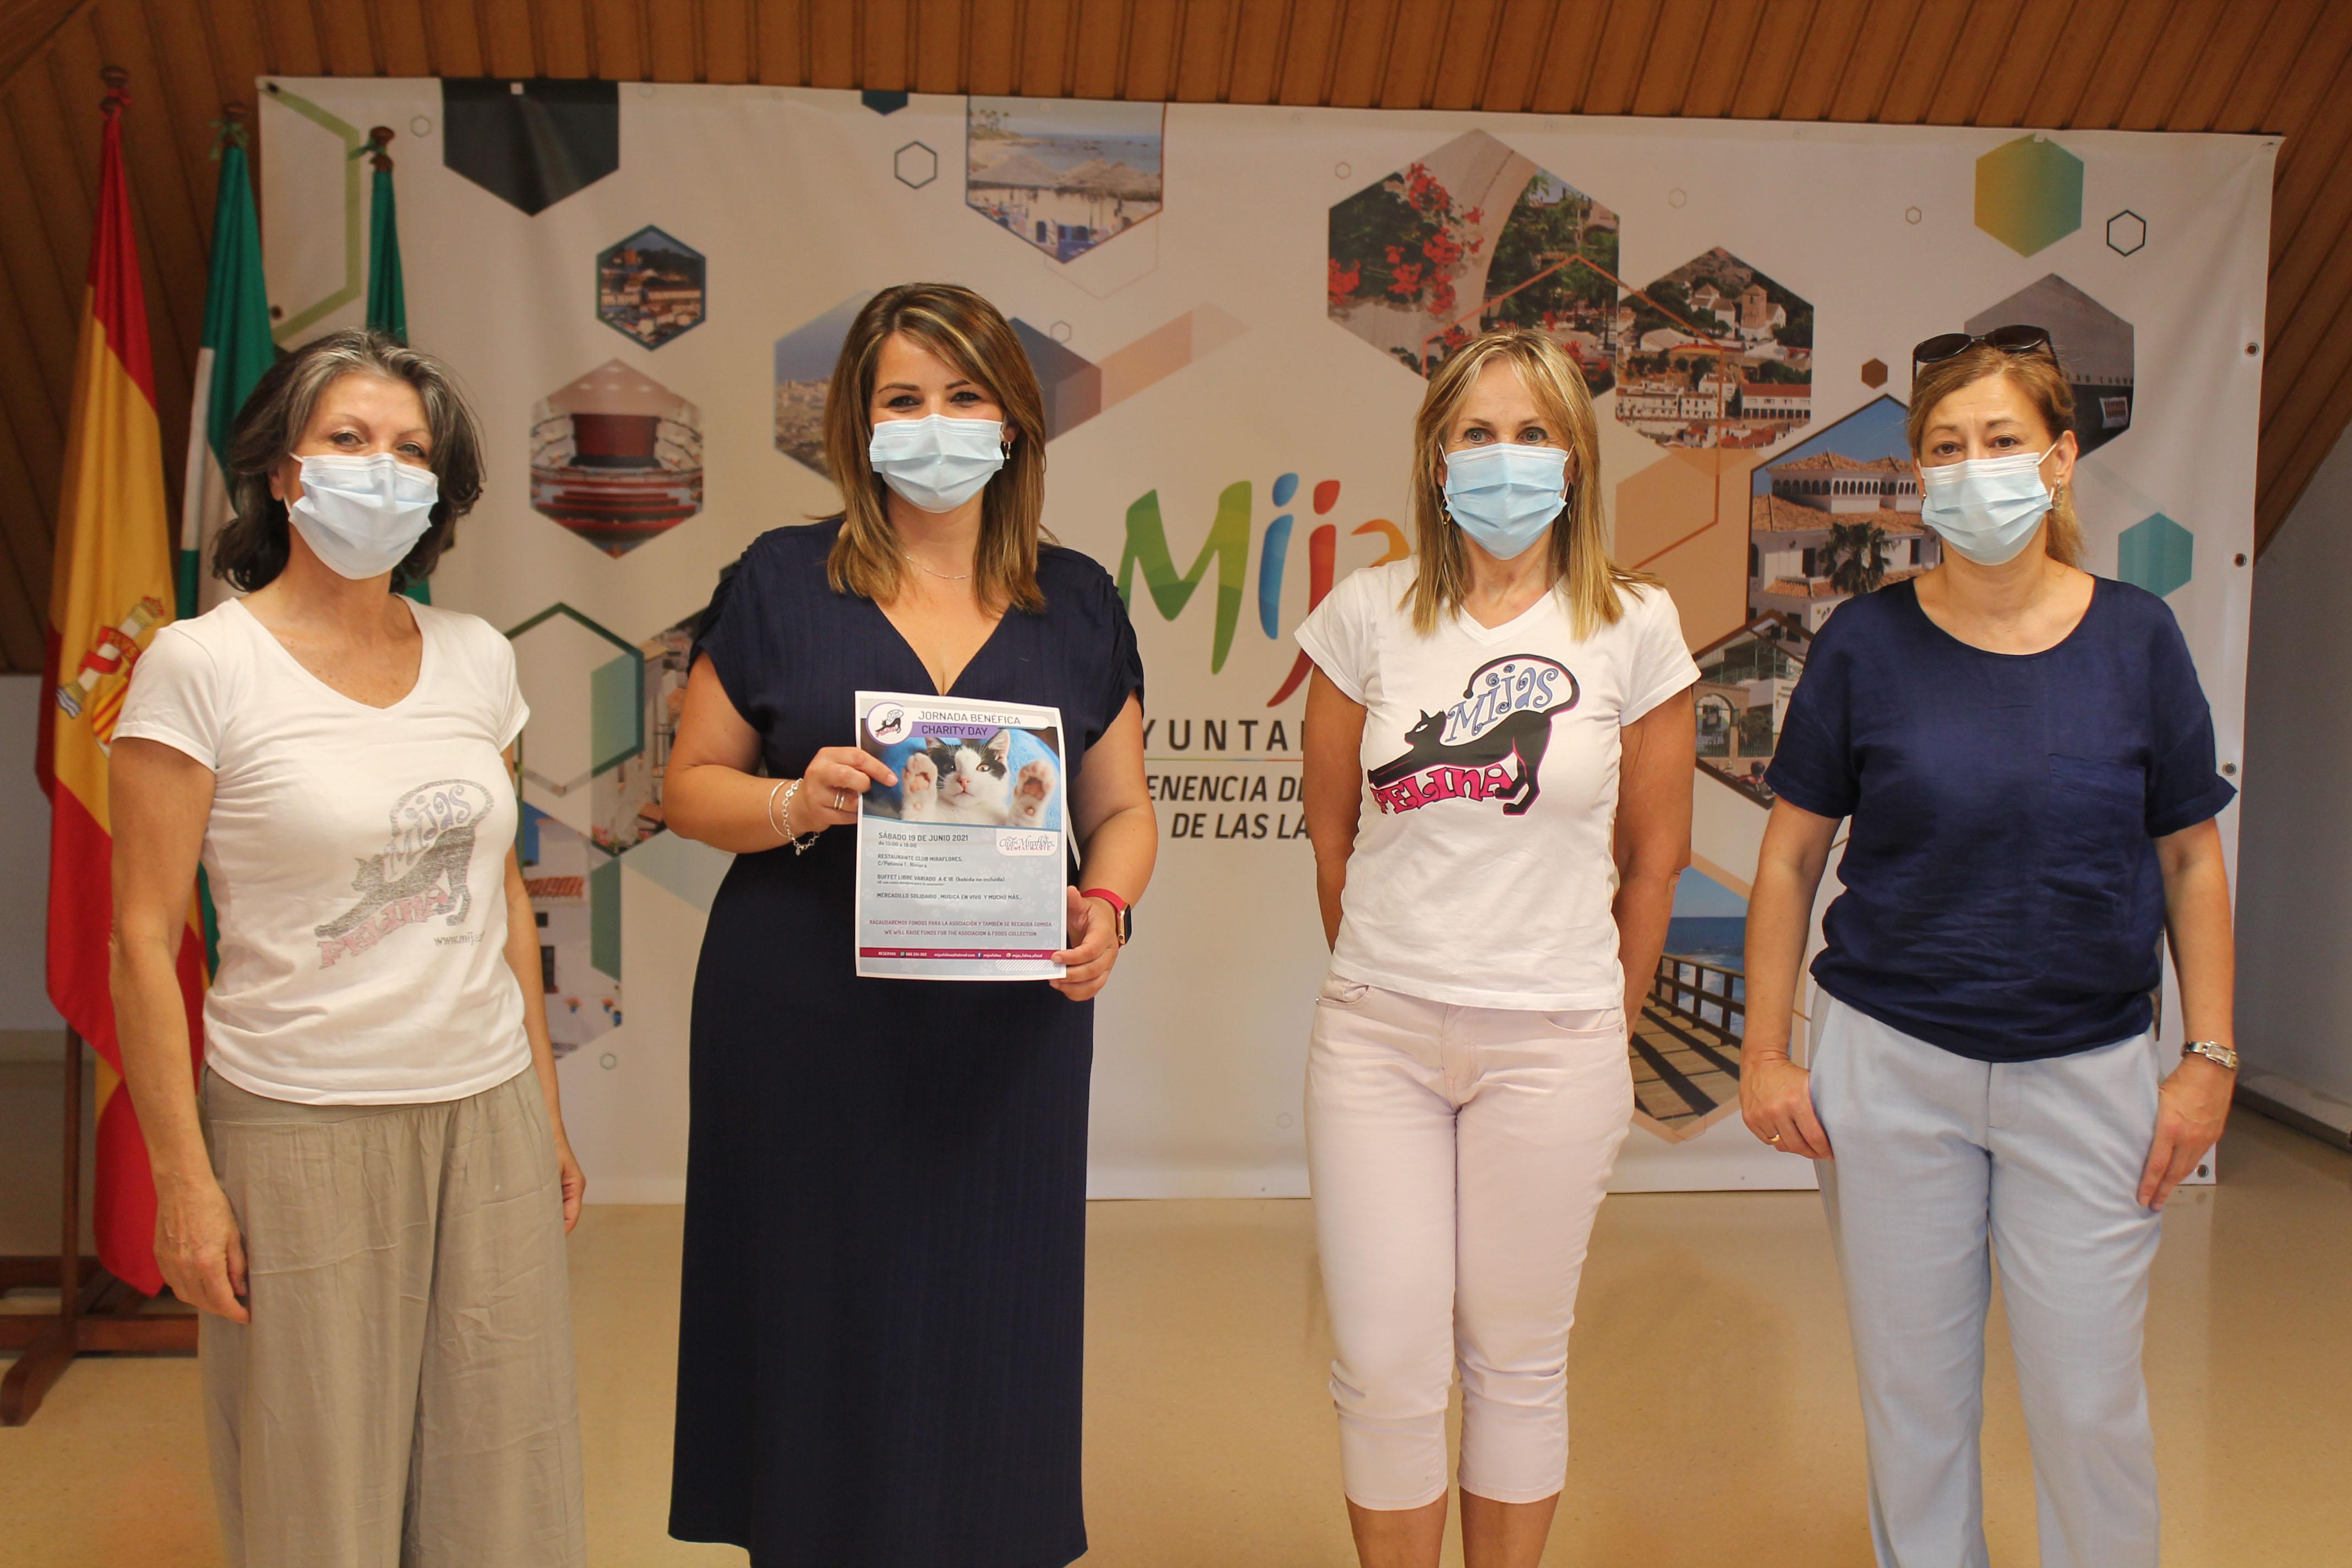 Participación Ciudanda y Mijas Felina presentan un buffet solidario para recaudar fondos